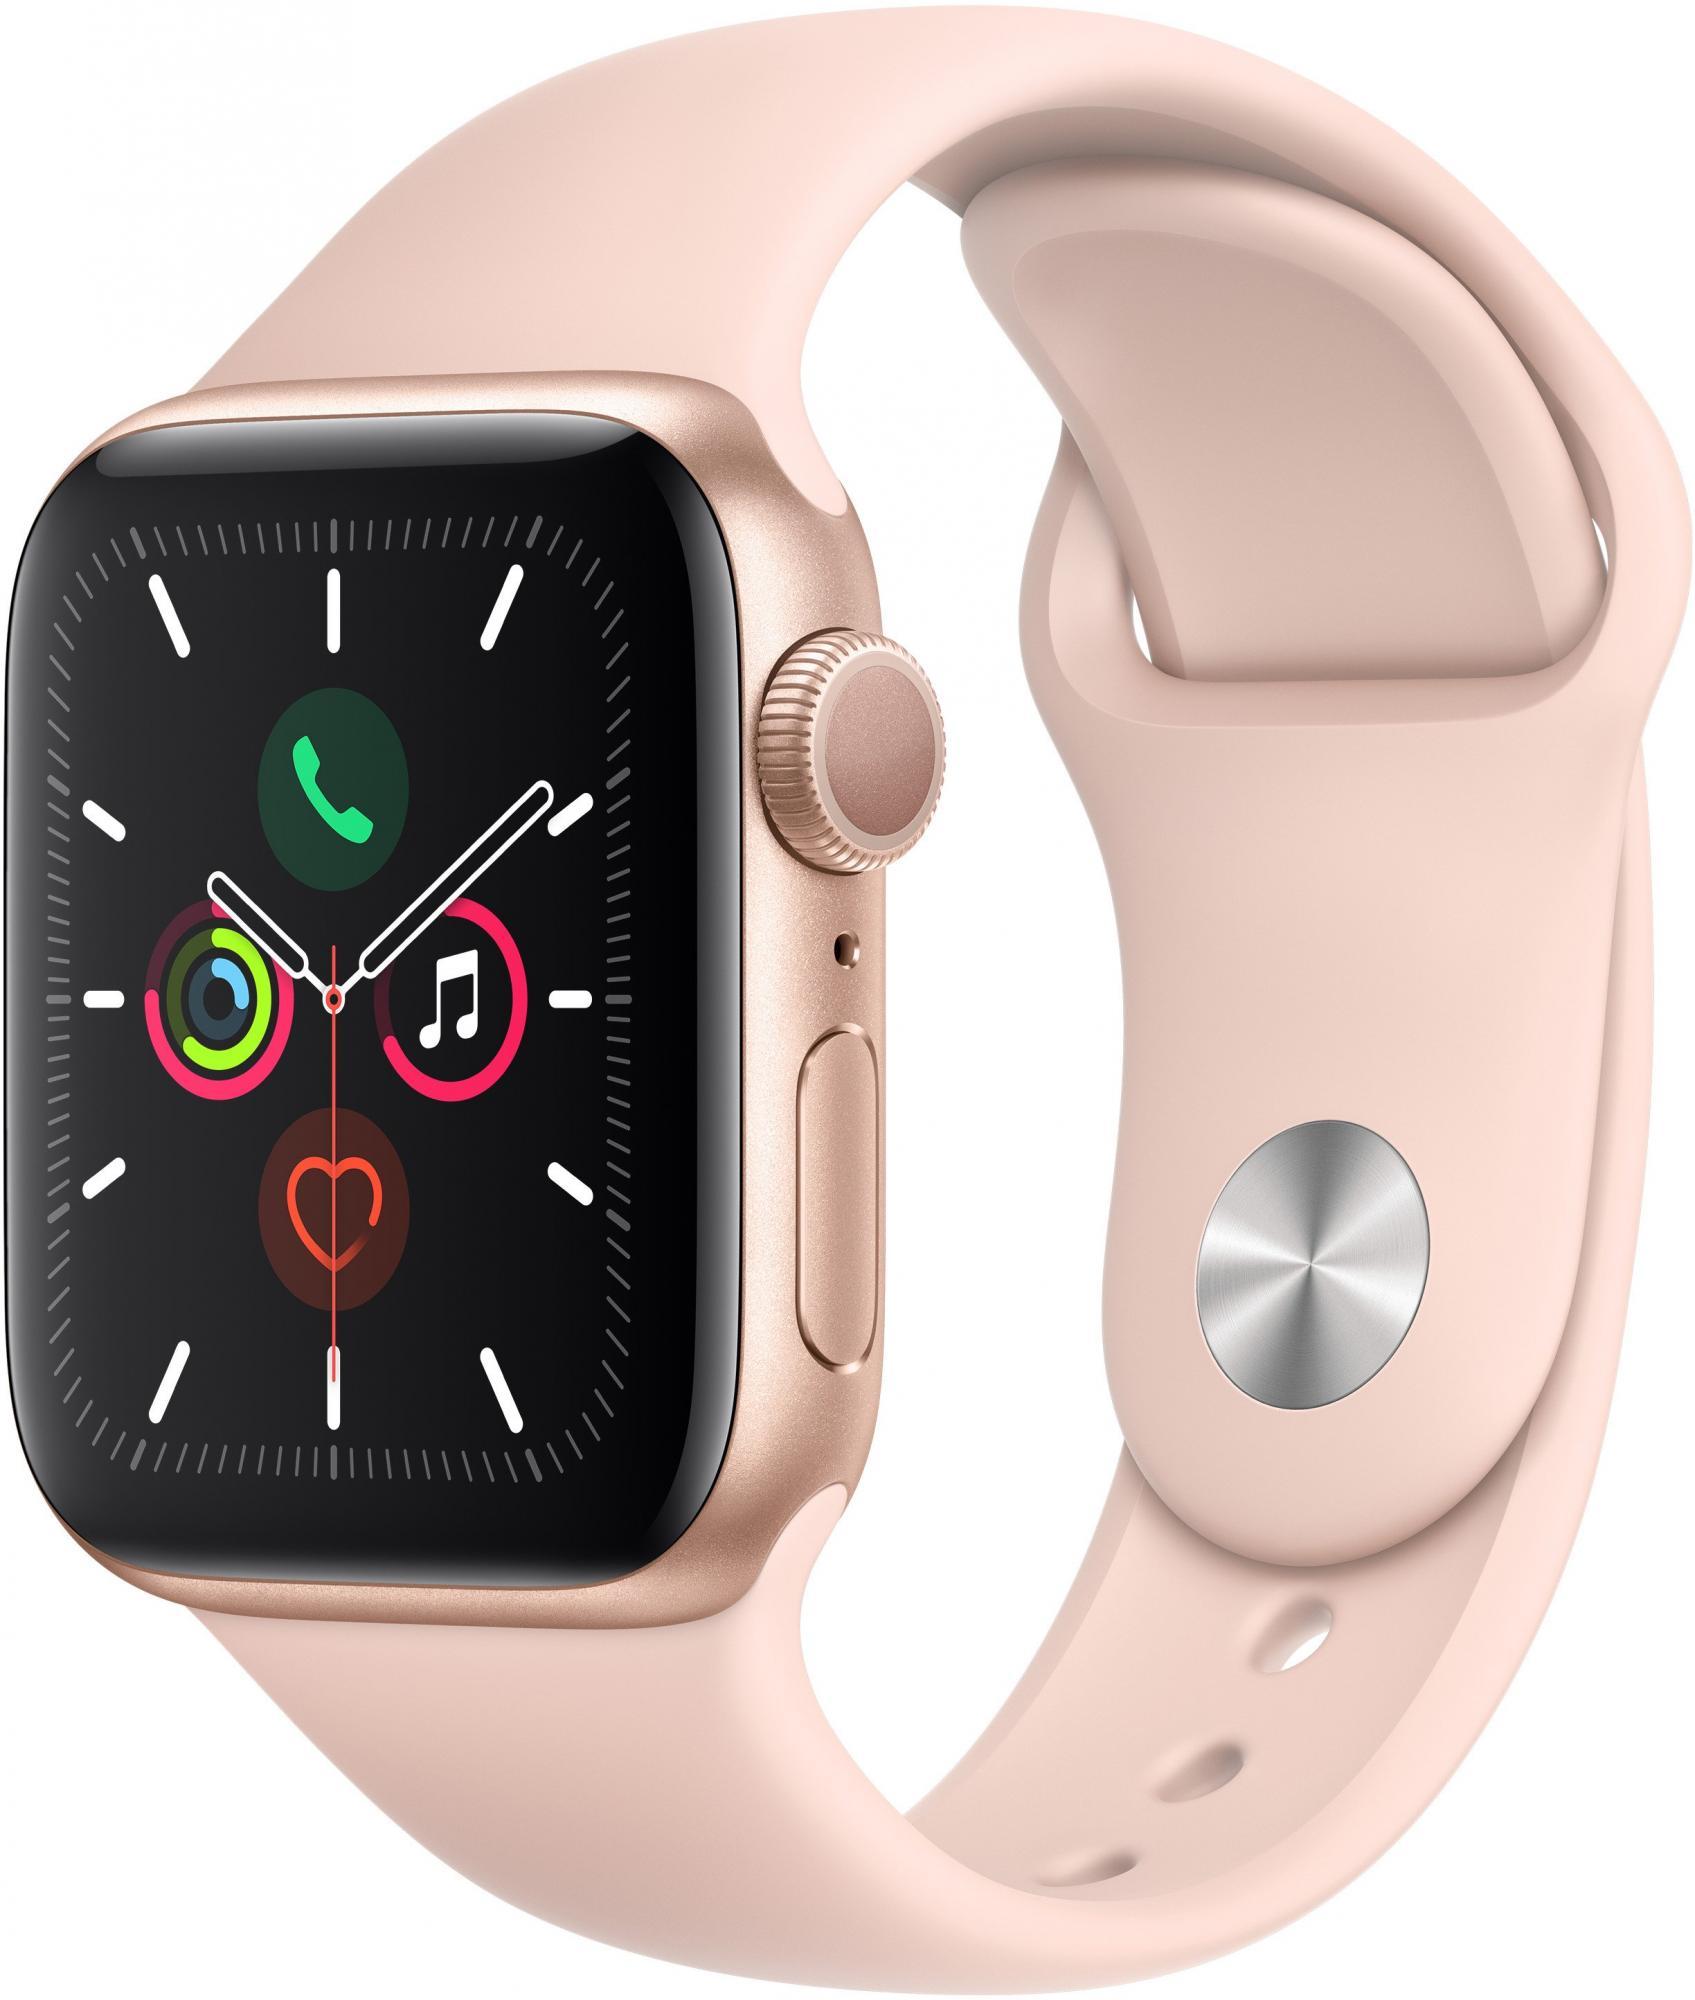 Стоимость часов iwatch москве квт электроэнергии в 1 стоимость час